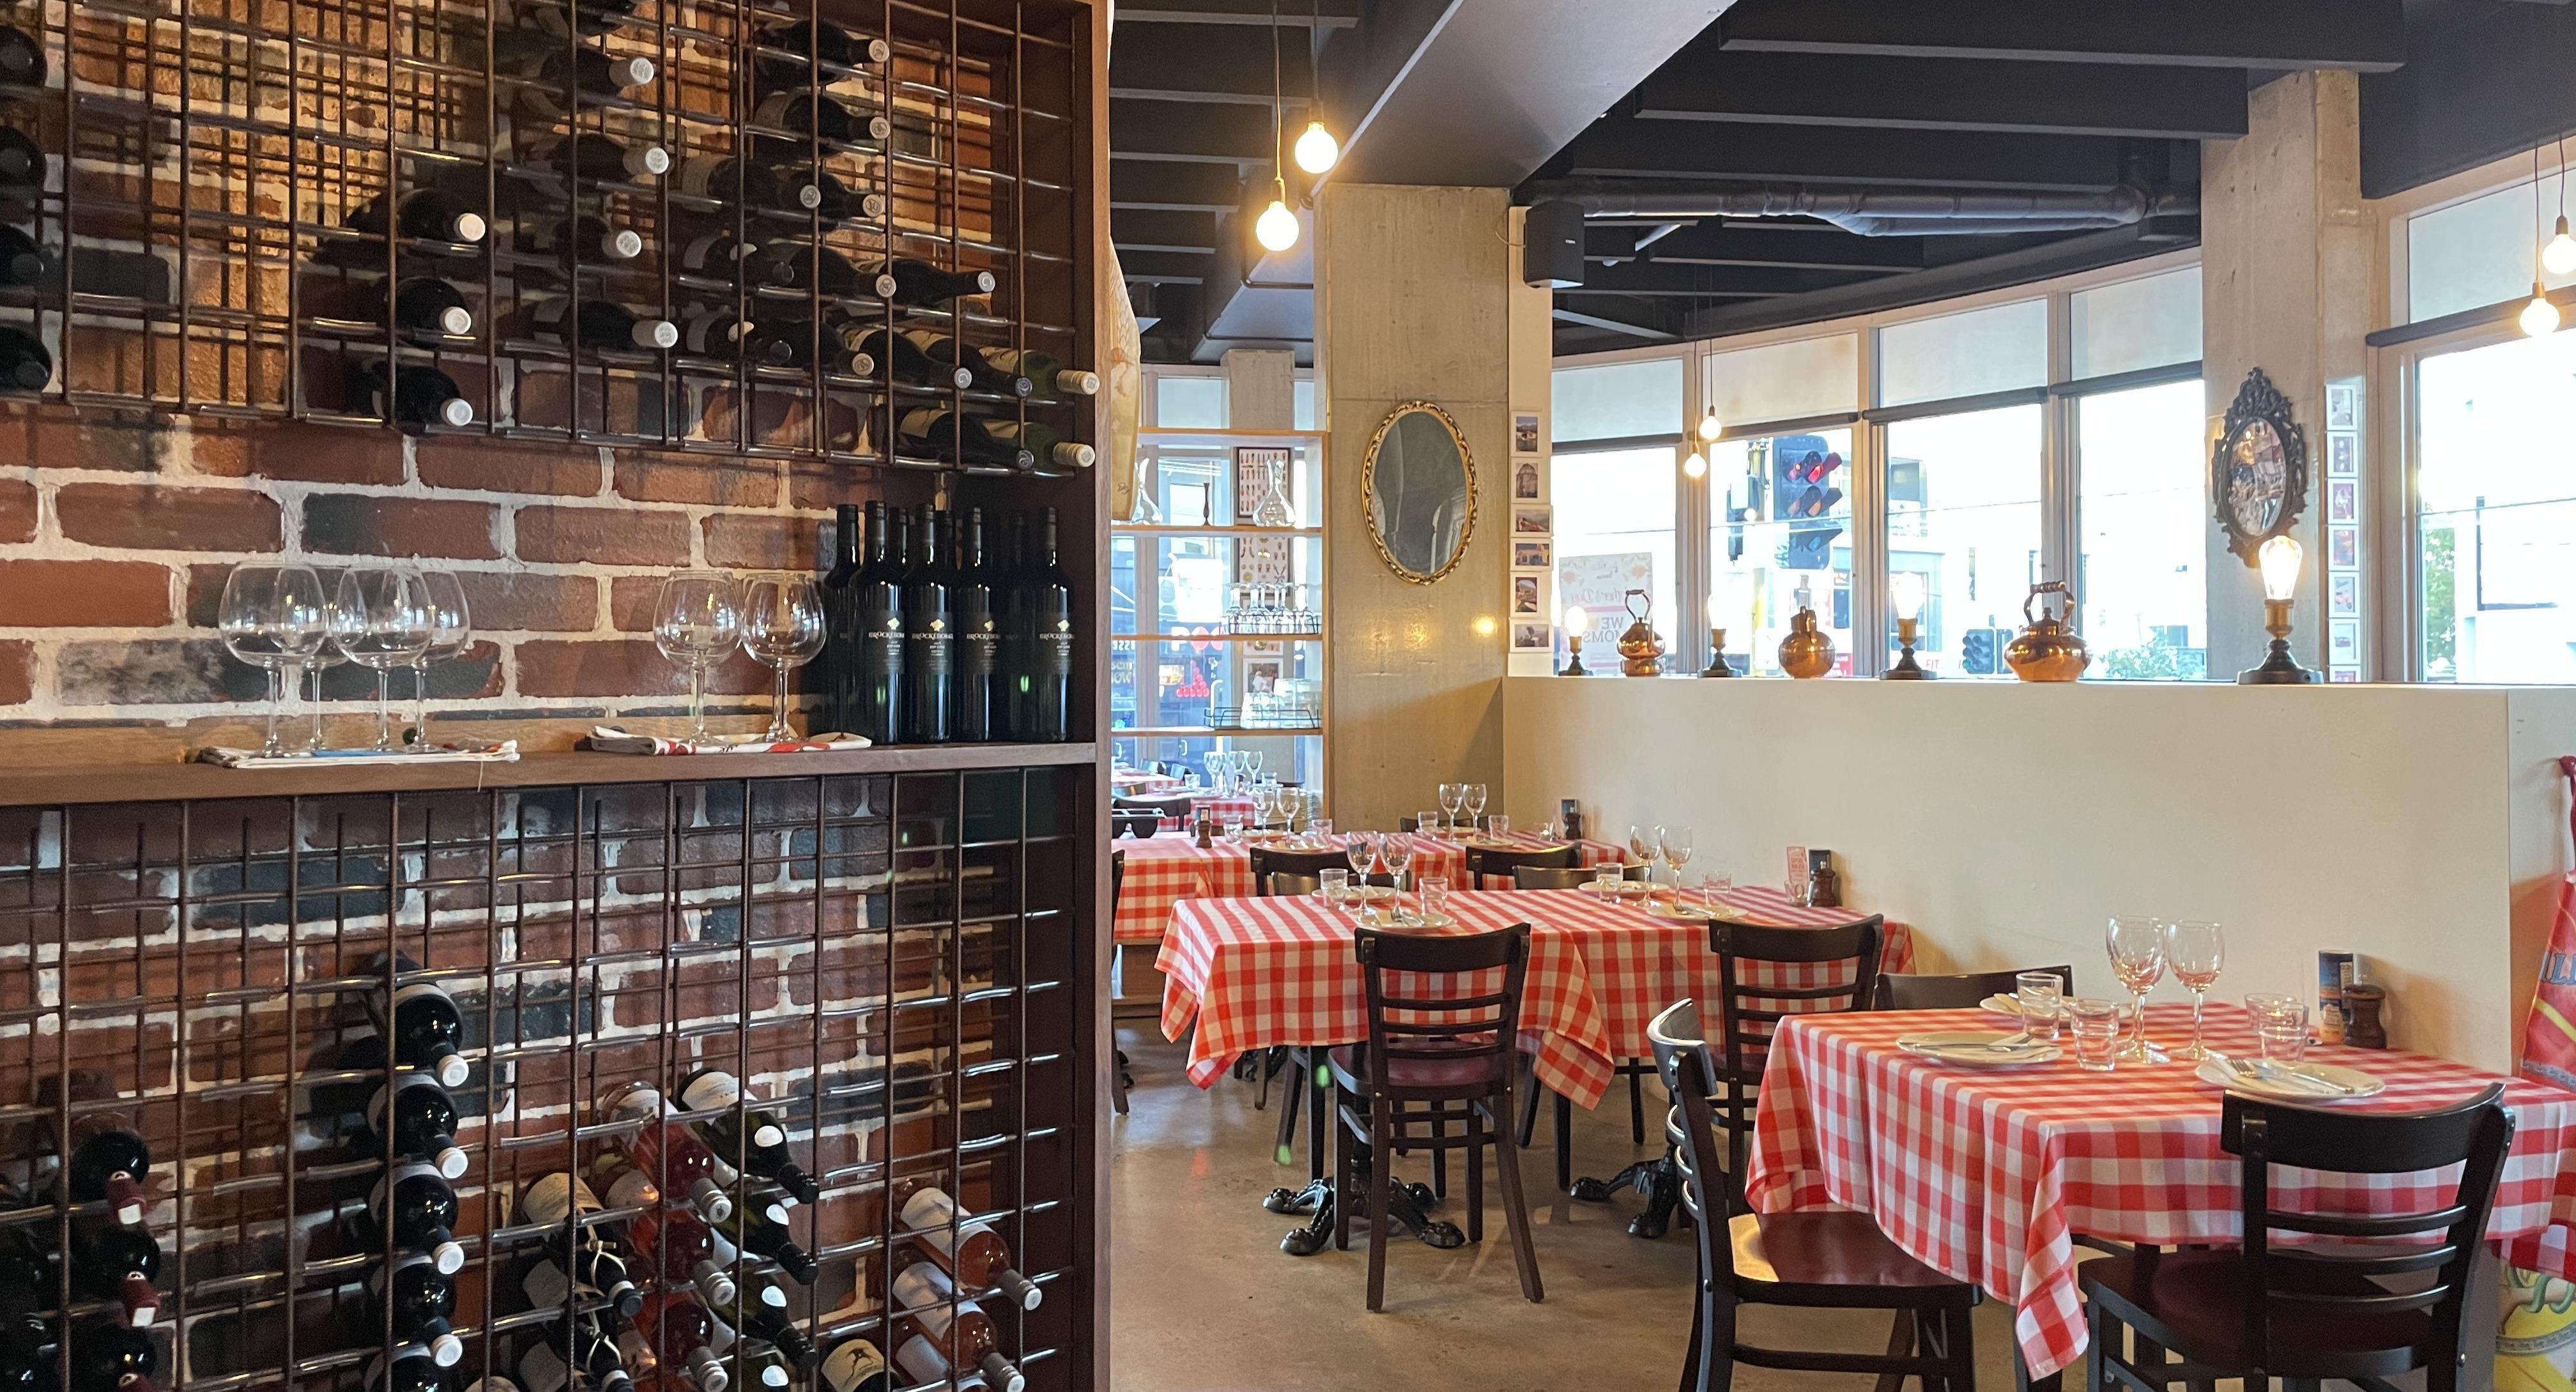 Photo of restaurant Trattoria Ilaria in North Perth, Perth